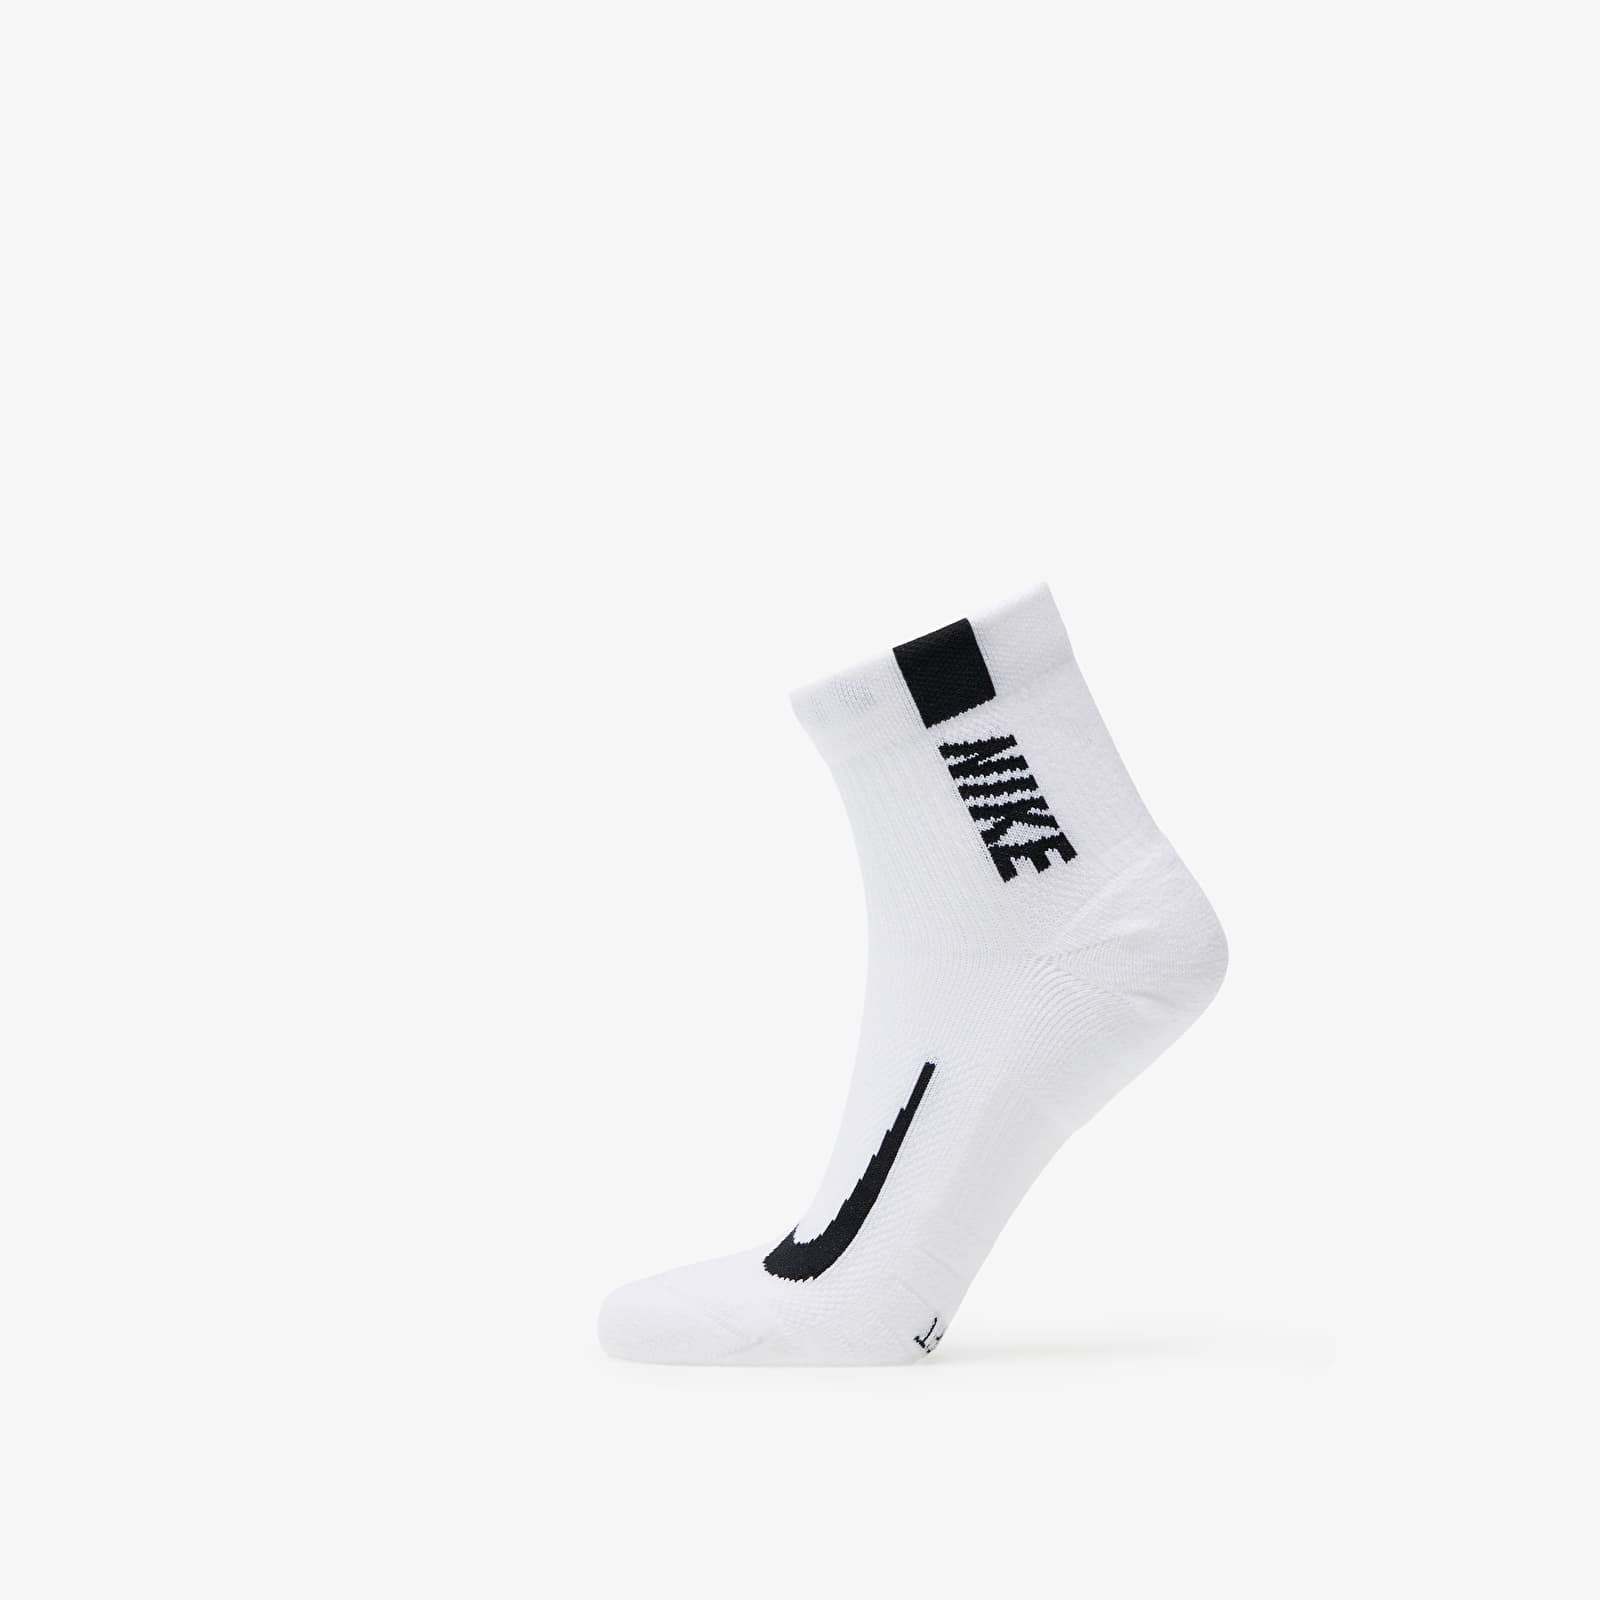 Nike Multiplier One Quarter Sock White/ Black EUR 34-38